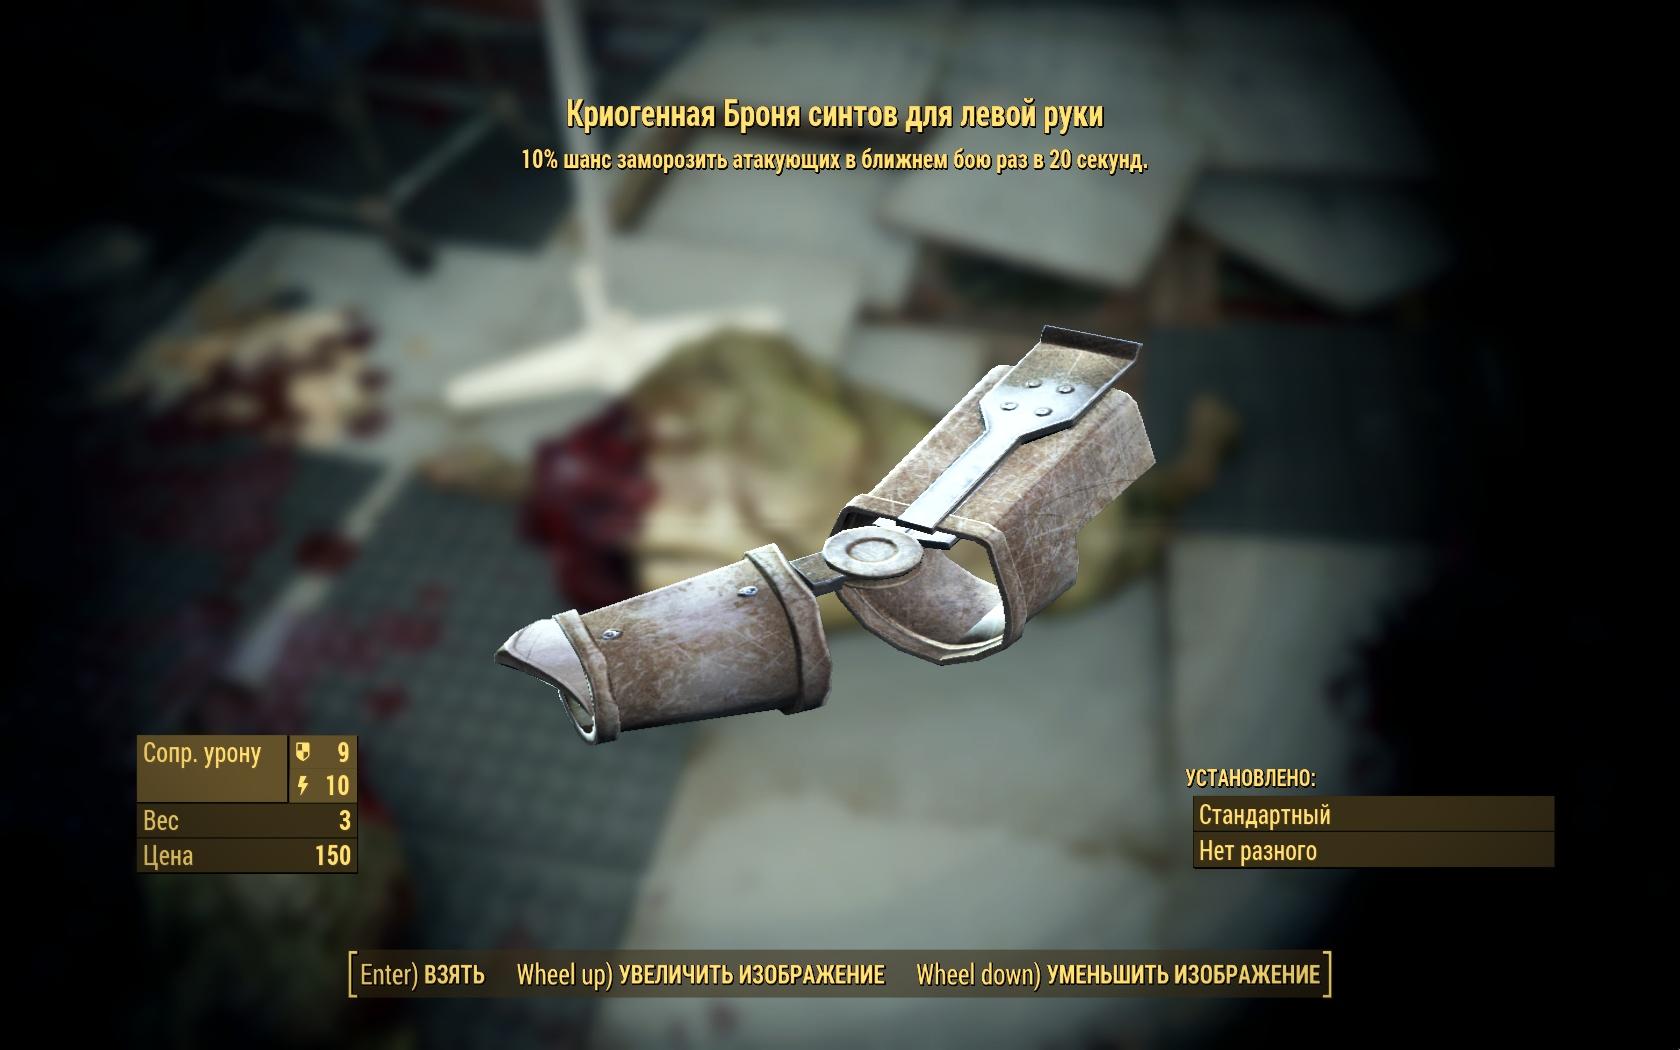 Криогенная броня синтов для левой руки - Fallout 4 броня, Криогенная, Одежда